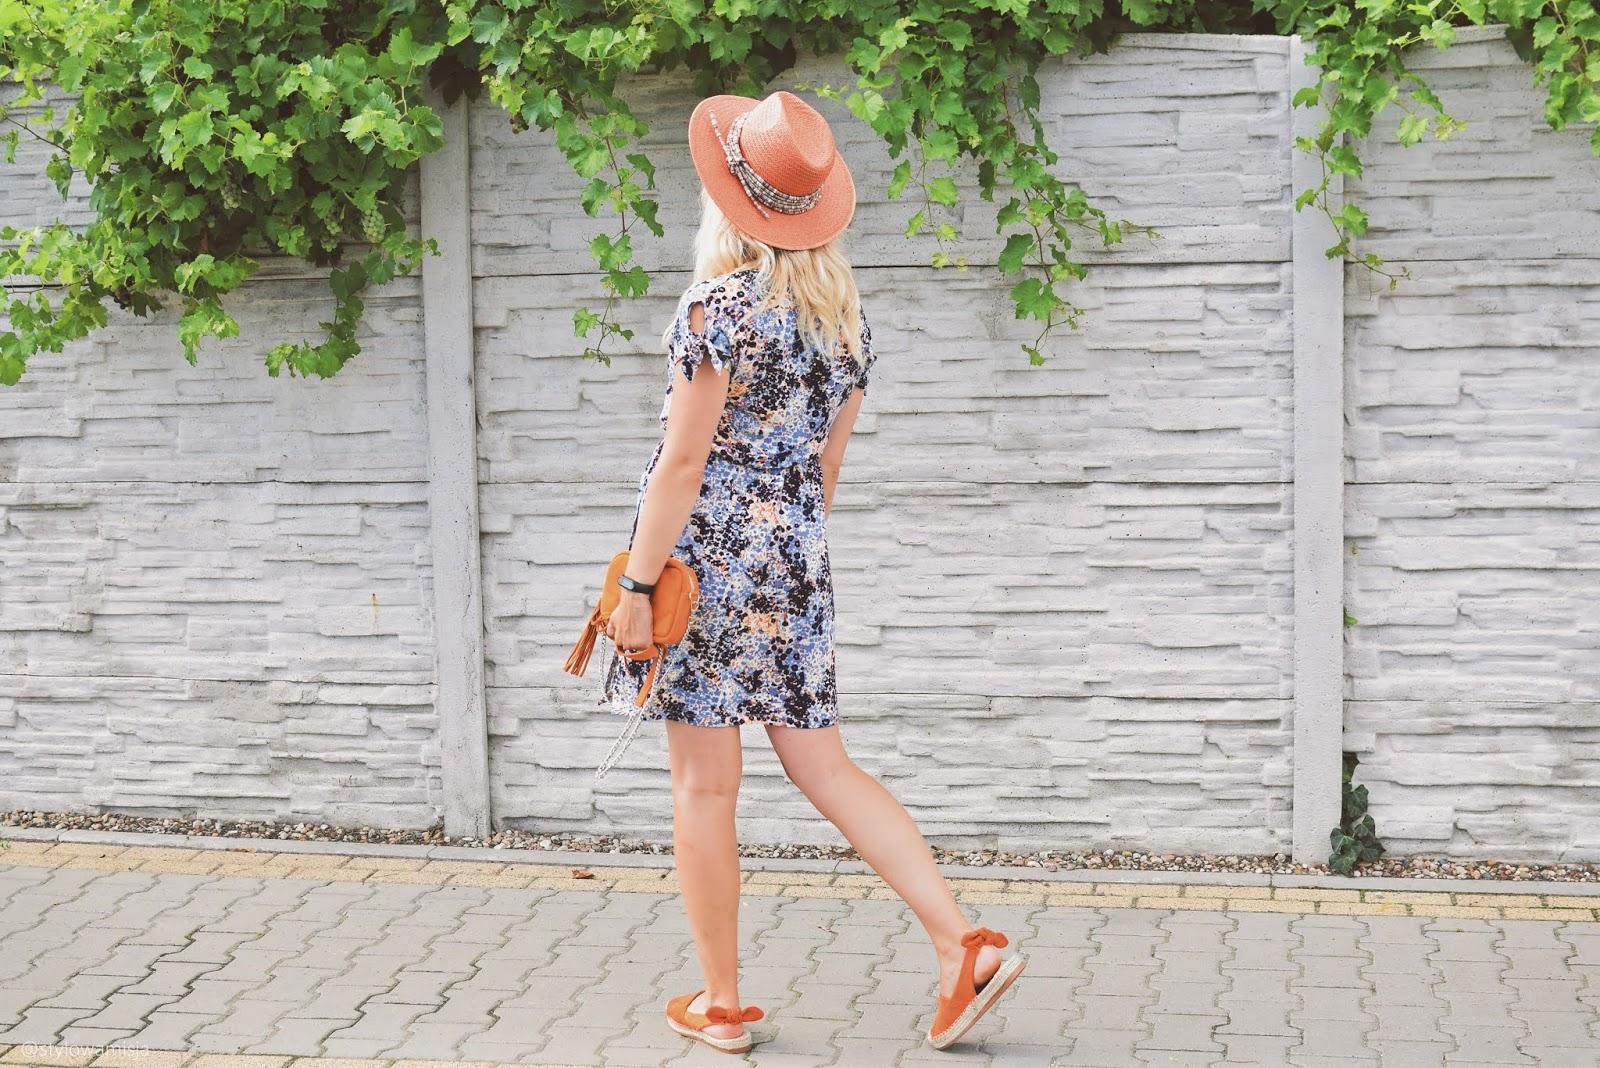 sukienka, bonprix, bonprix.pl, espadryle, czasnabuty.pl, kolczyki, Dedicante, kapelusz, prettyonewarsaw, stylizacja, lato, moda, torebka, fabiola,